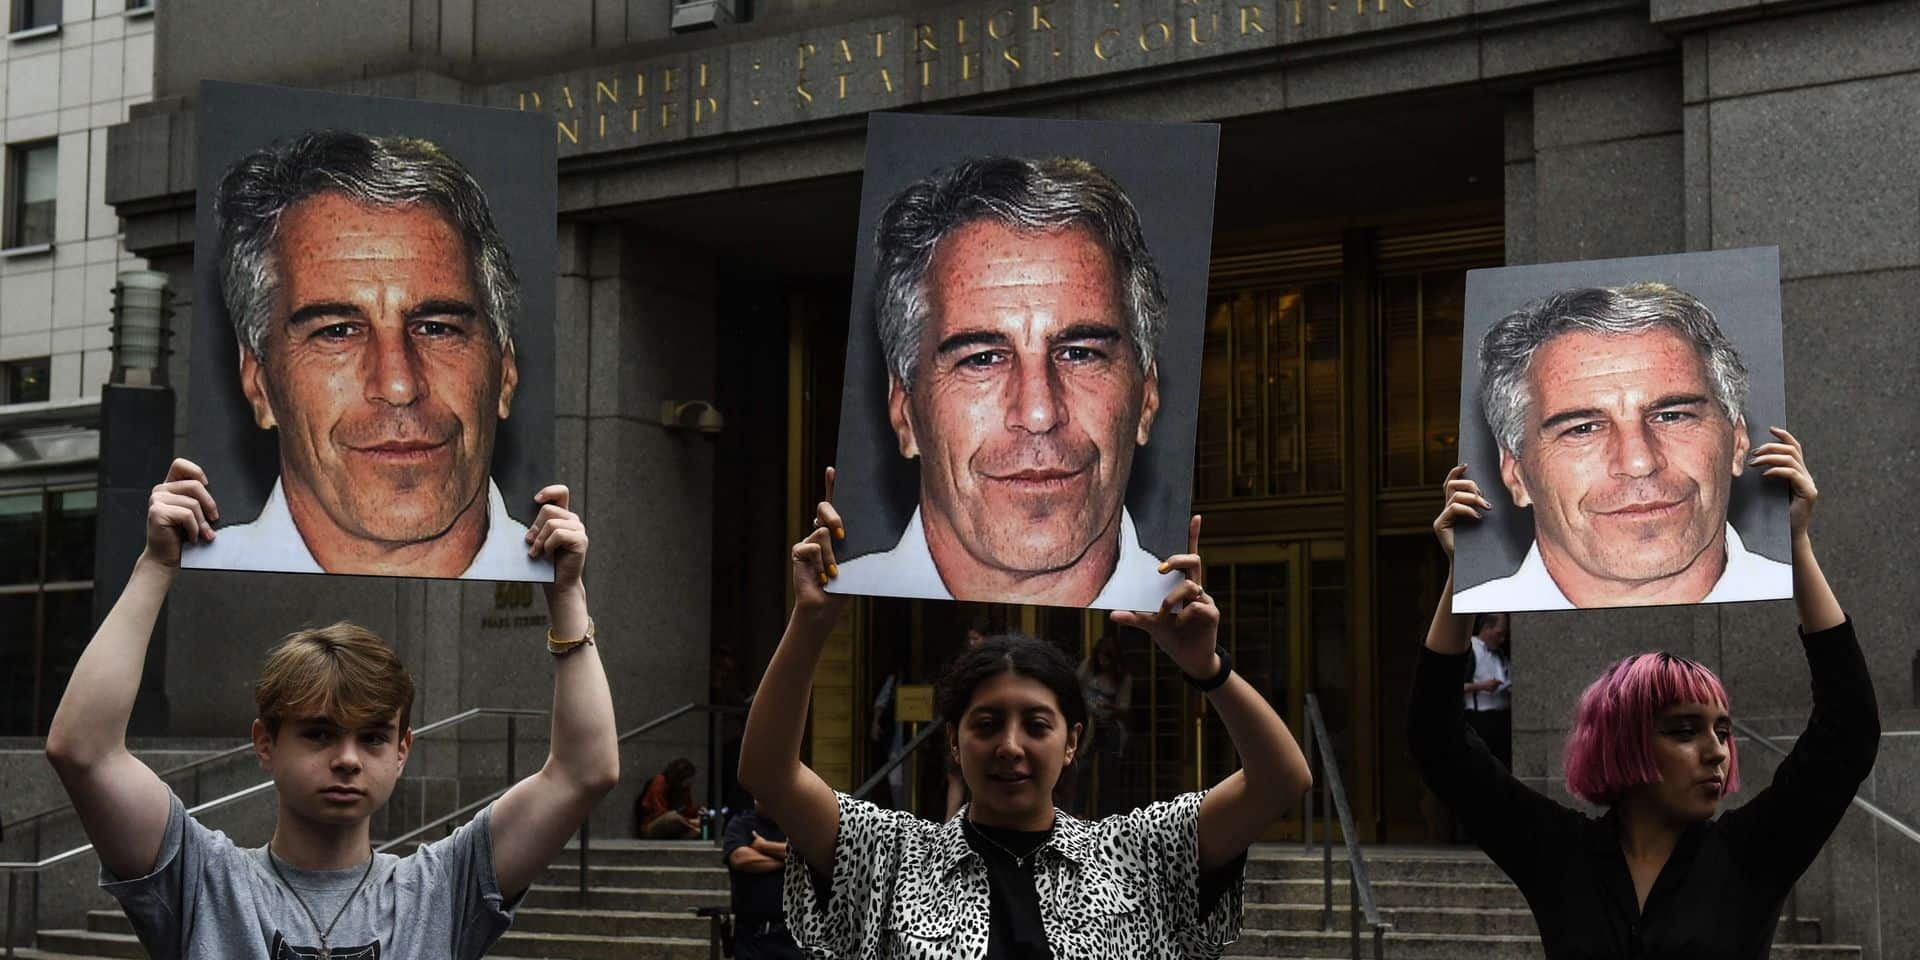 Un appel à témoin lancé en France en rapport avec le scandale Jeffrey Epstein